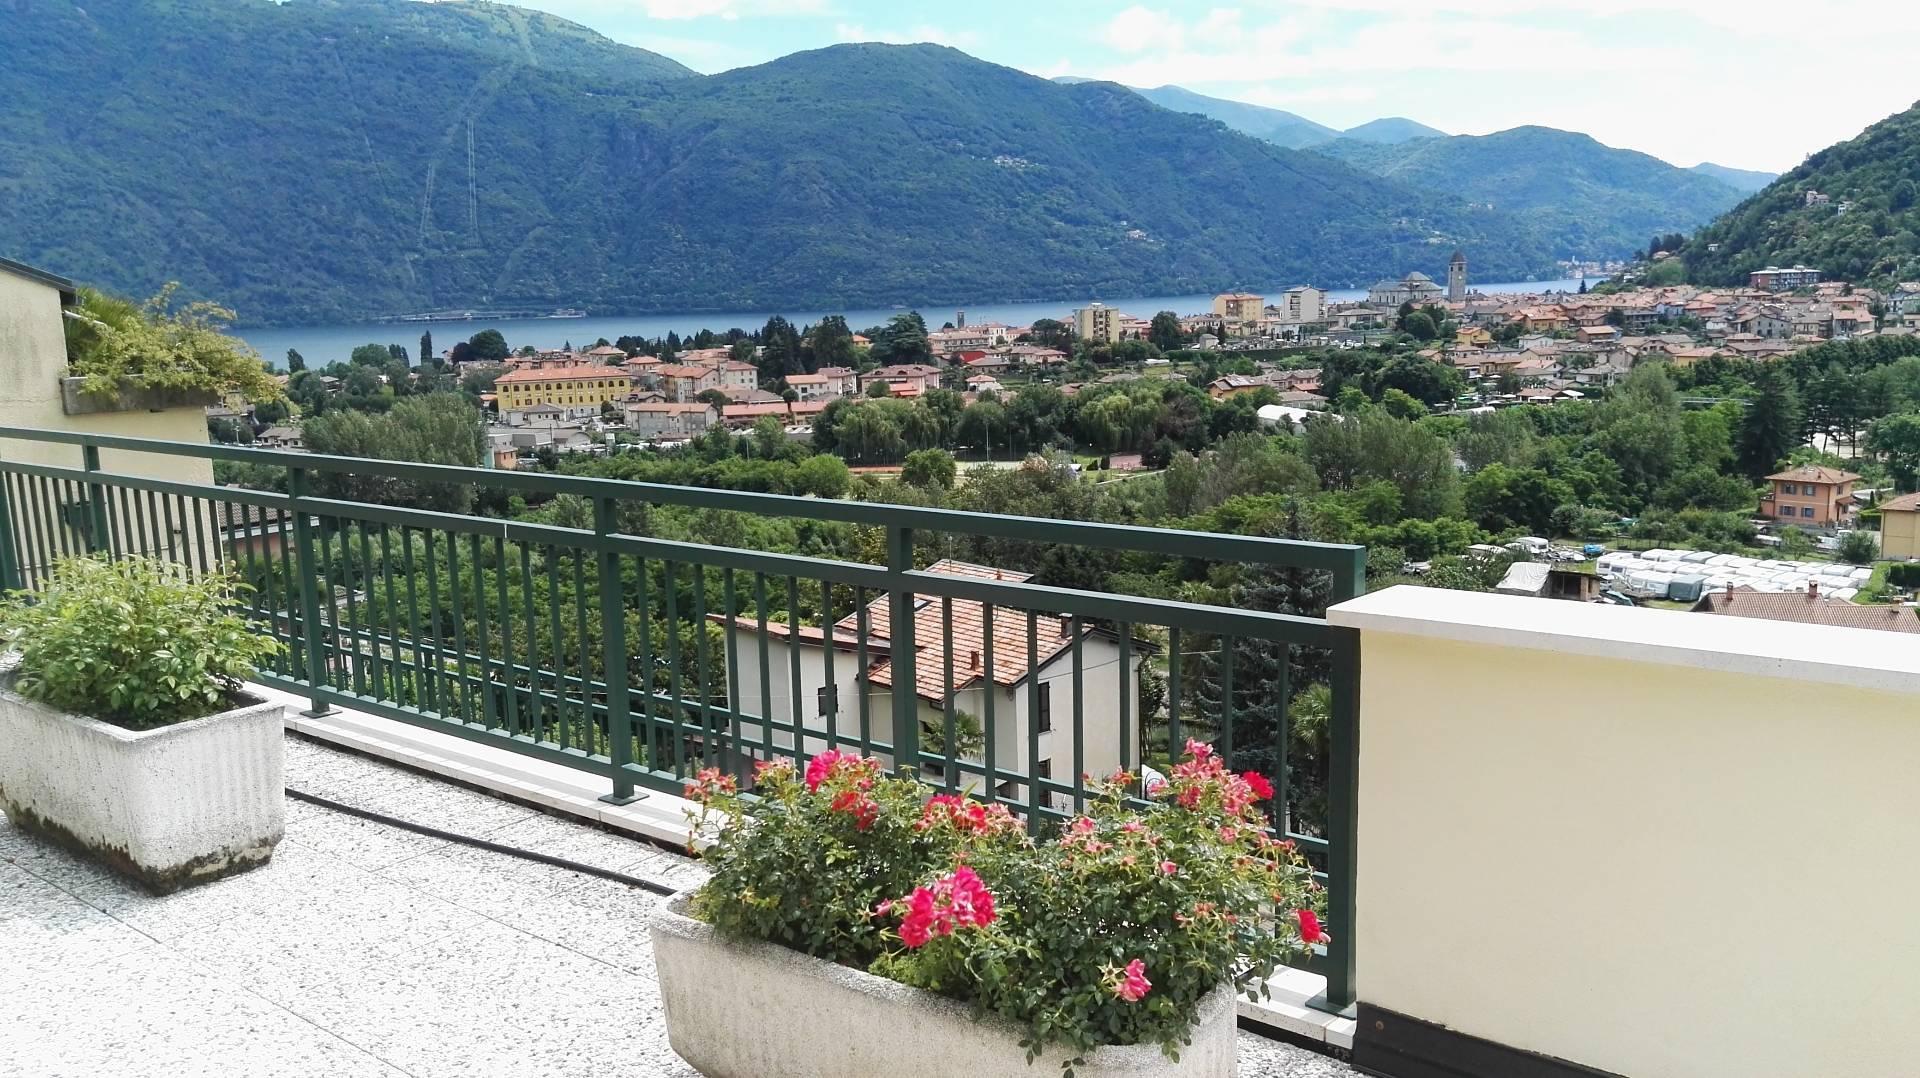 Appartamento in vendita a Cannobio, 1 locali, prezzo € 140.000 | PortaleAgenzieImmobiliari.it